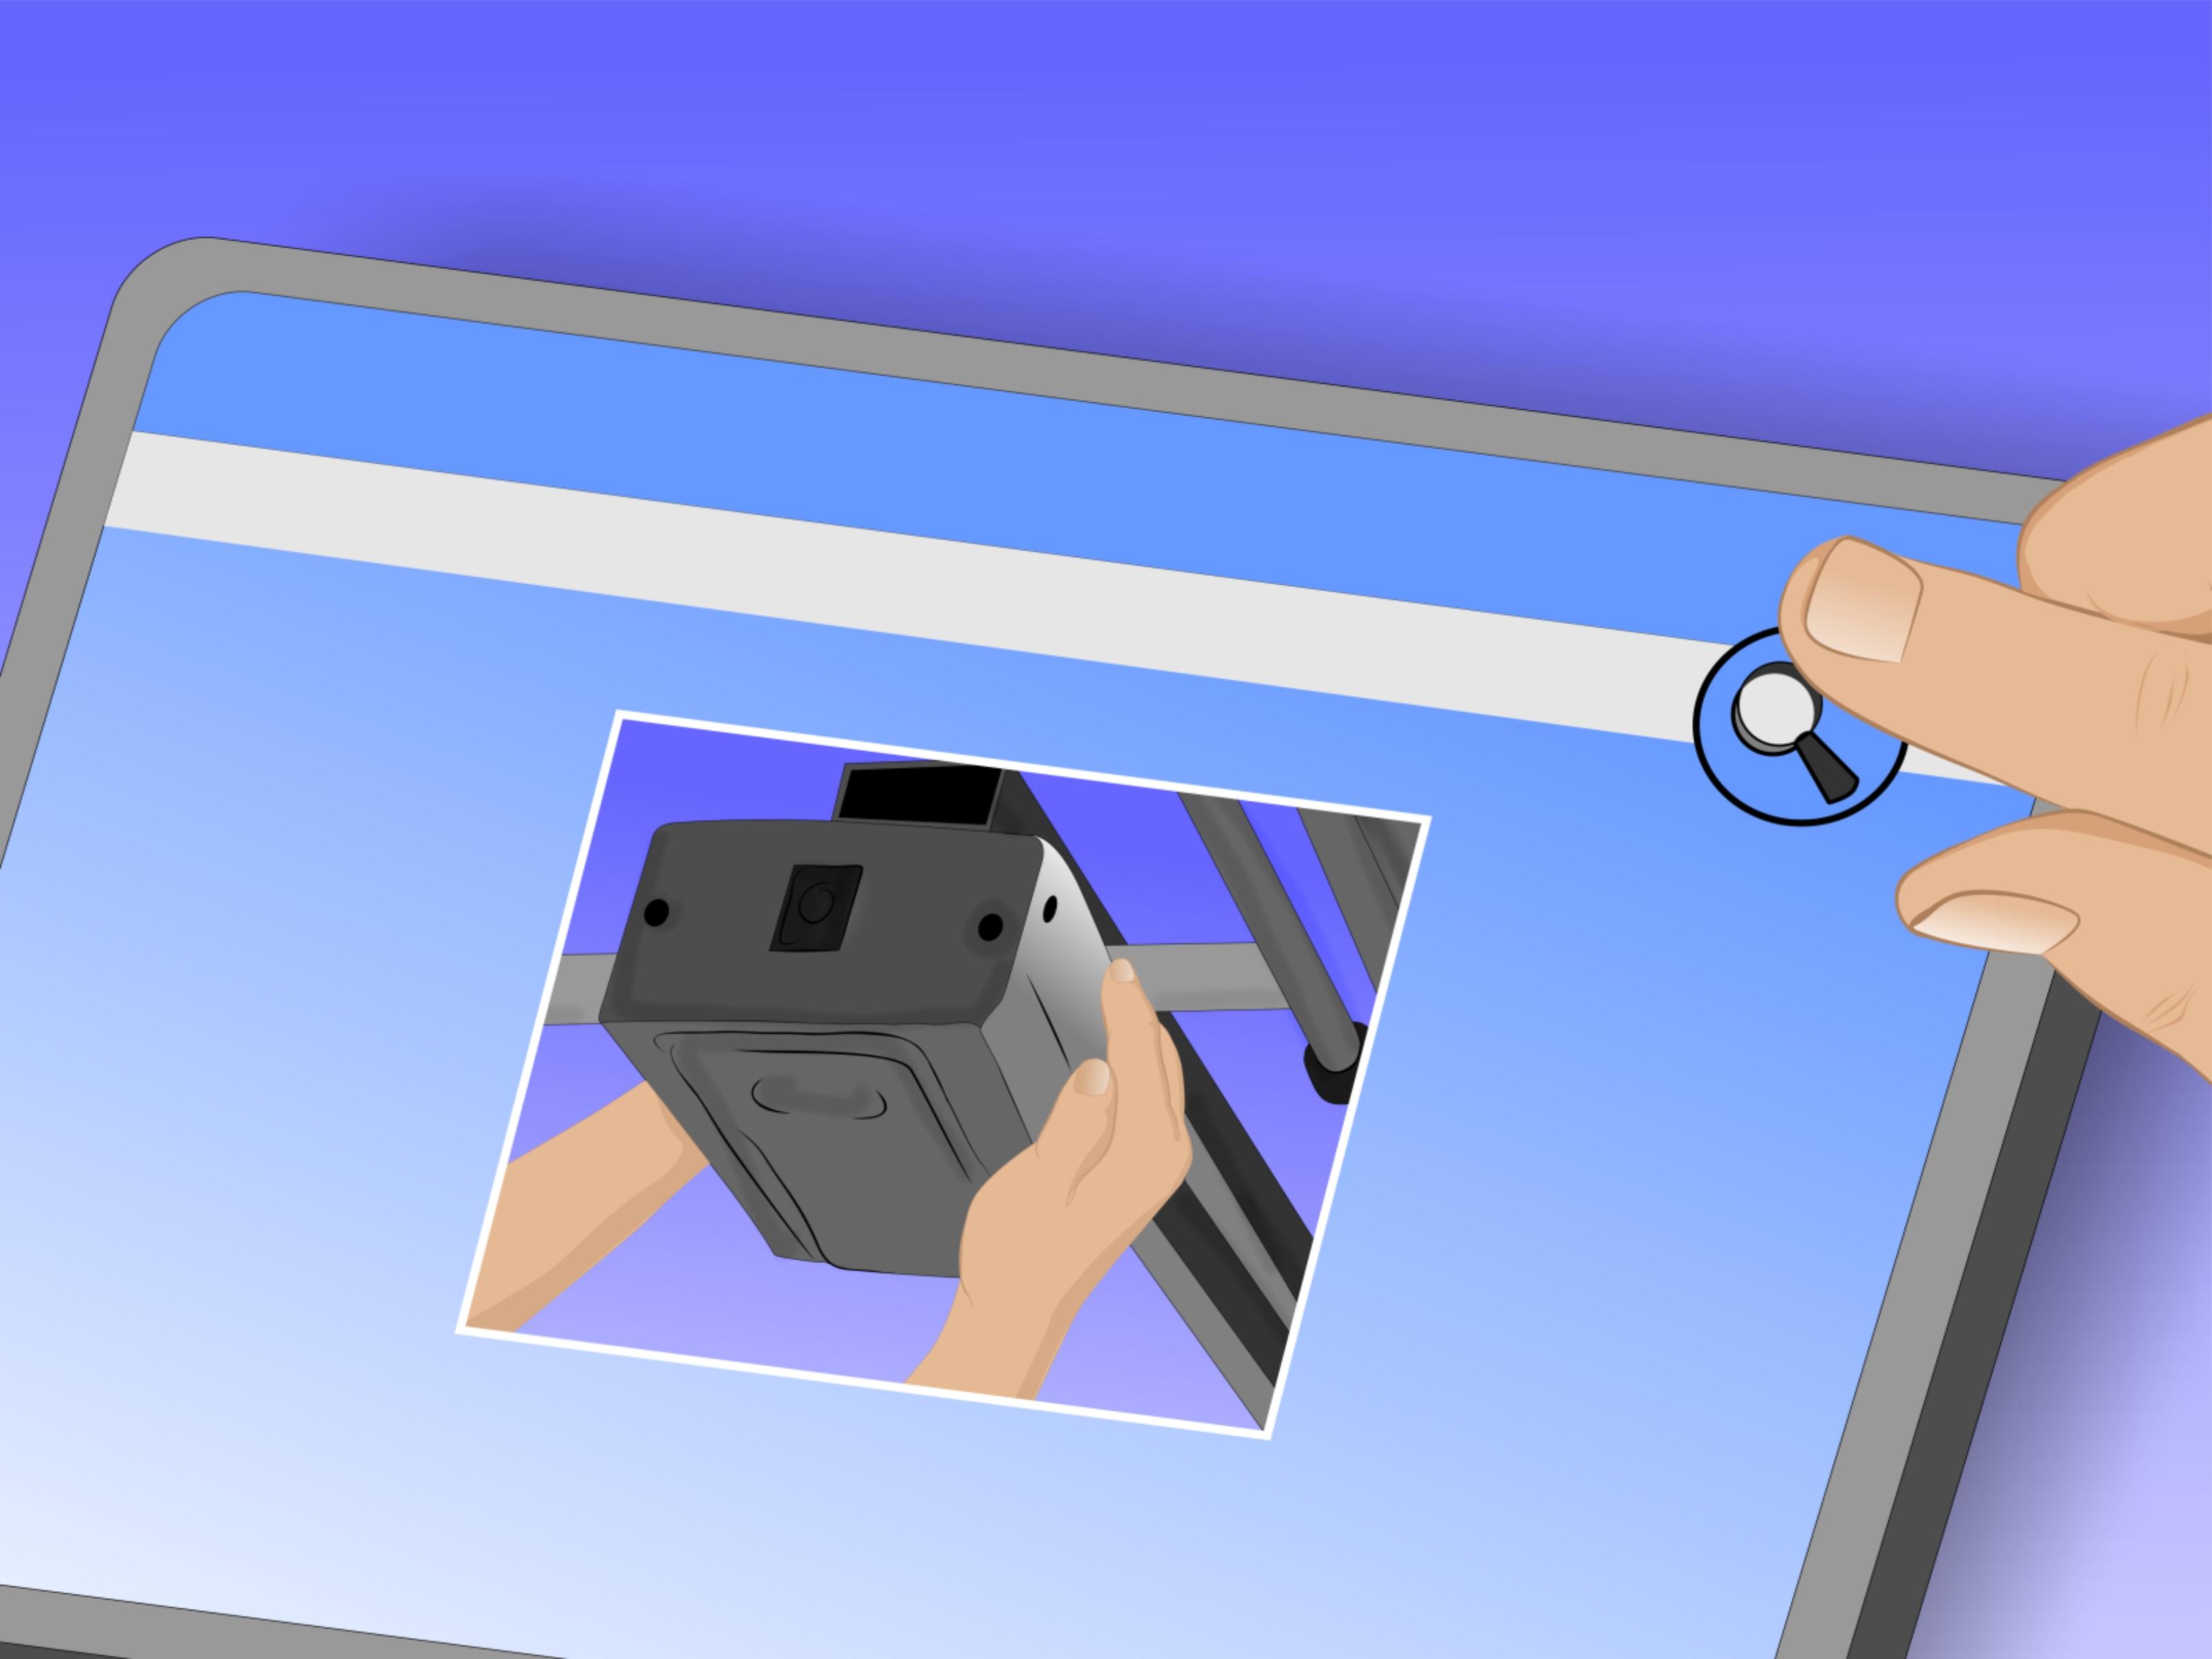 install garage opener photo - 2